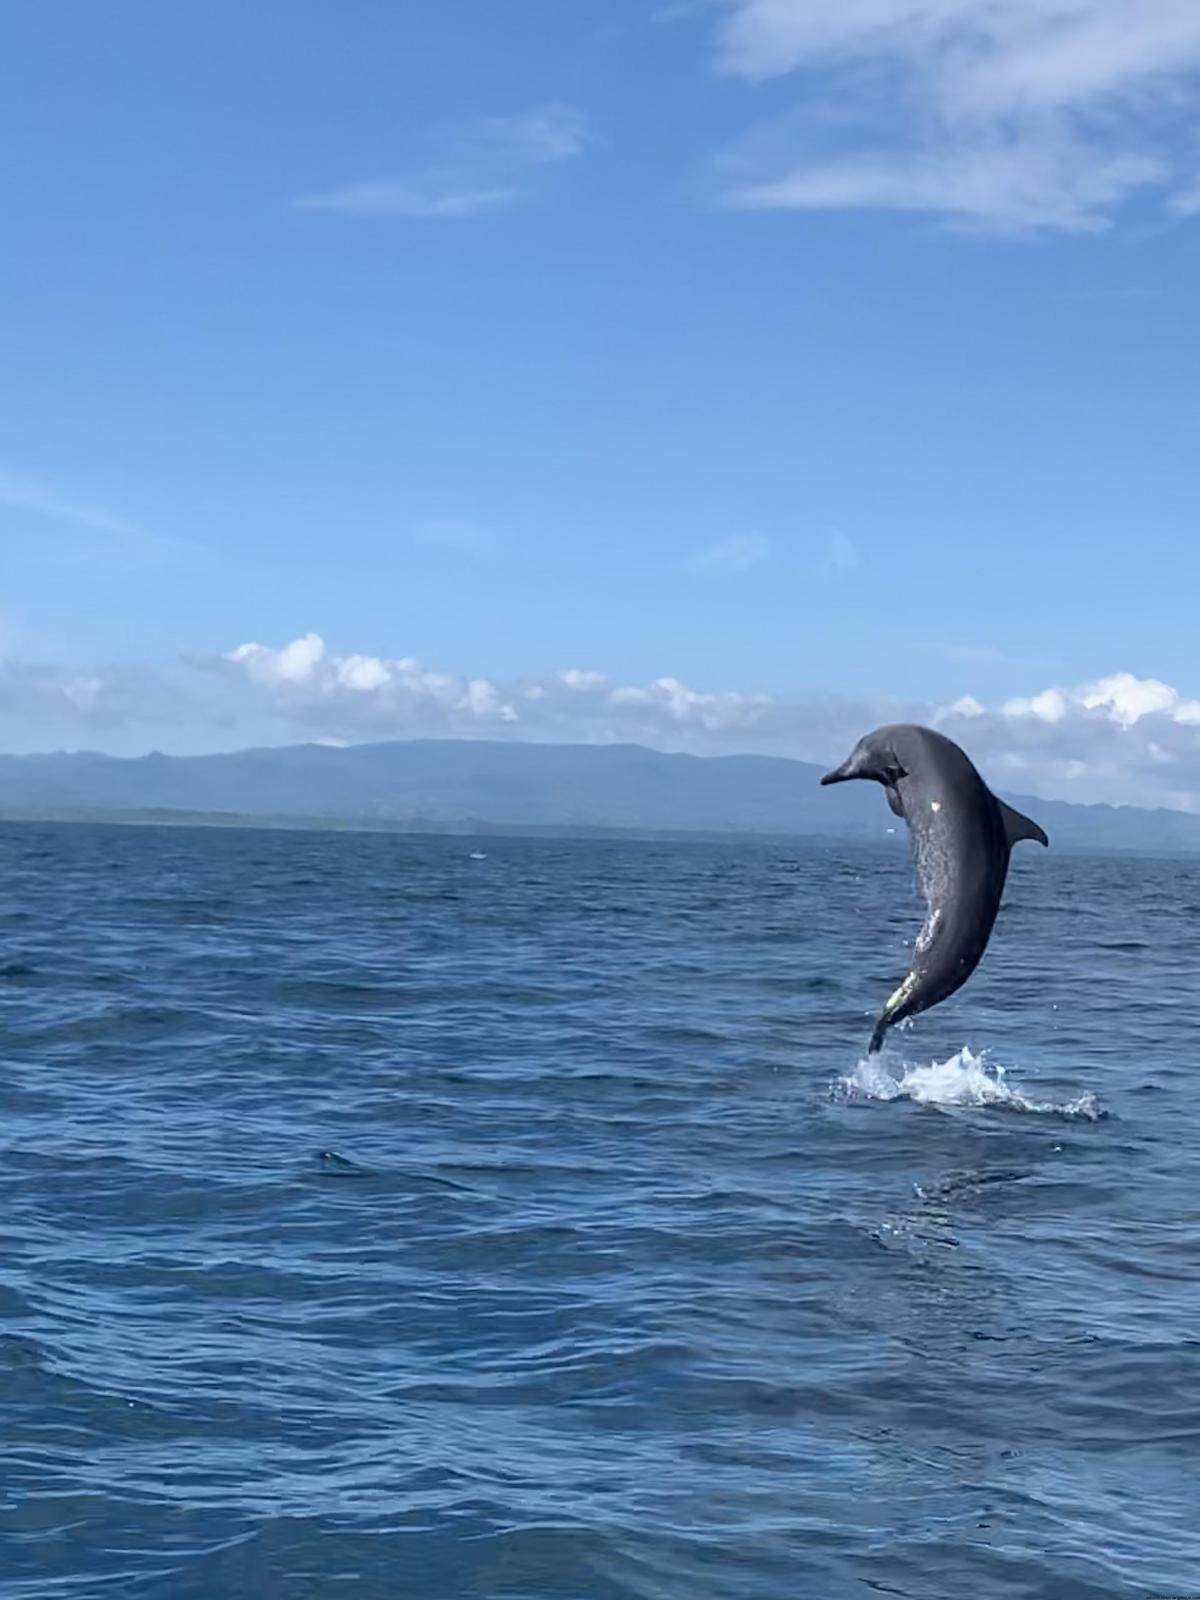 Pura Vida, Costa Rican Culture, Mangroves & Dolphins…36